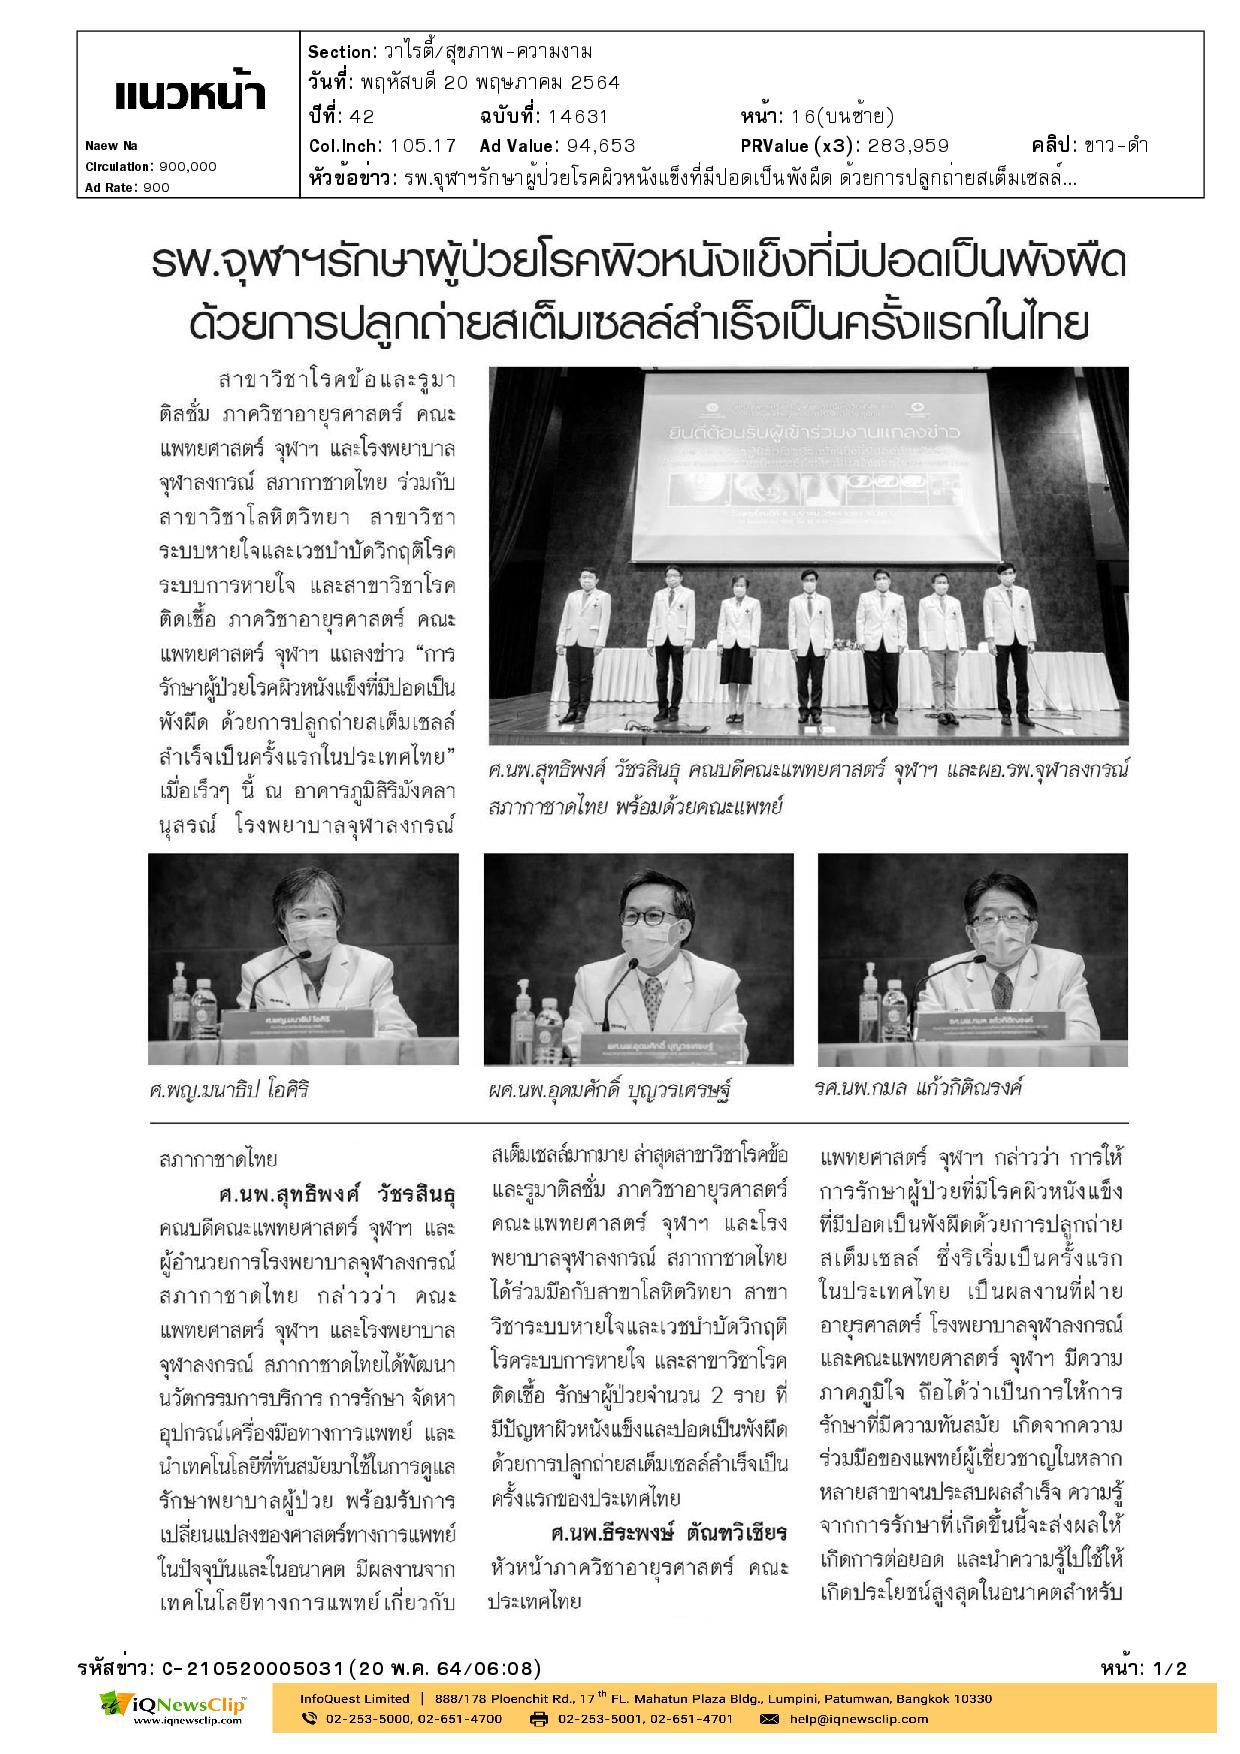 รพ.จุฬาฯ รักษาผู้ป่วยโรคผิวหนังแข็งที่มีปอดเป็นพังผืด  ด้วยการปลูกถ่ายสเต็มเซลล์เป็นครั้งแรกในไทย